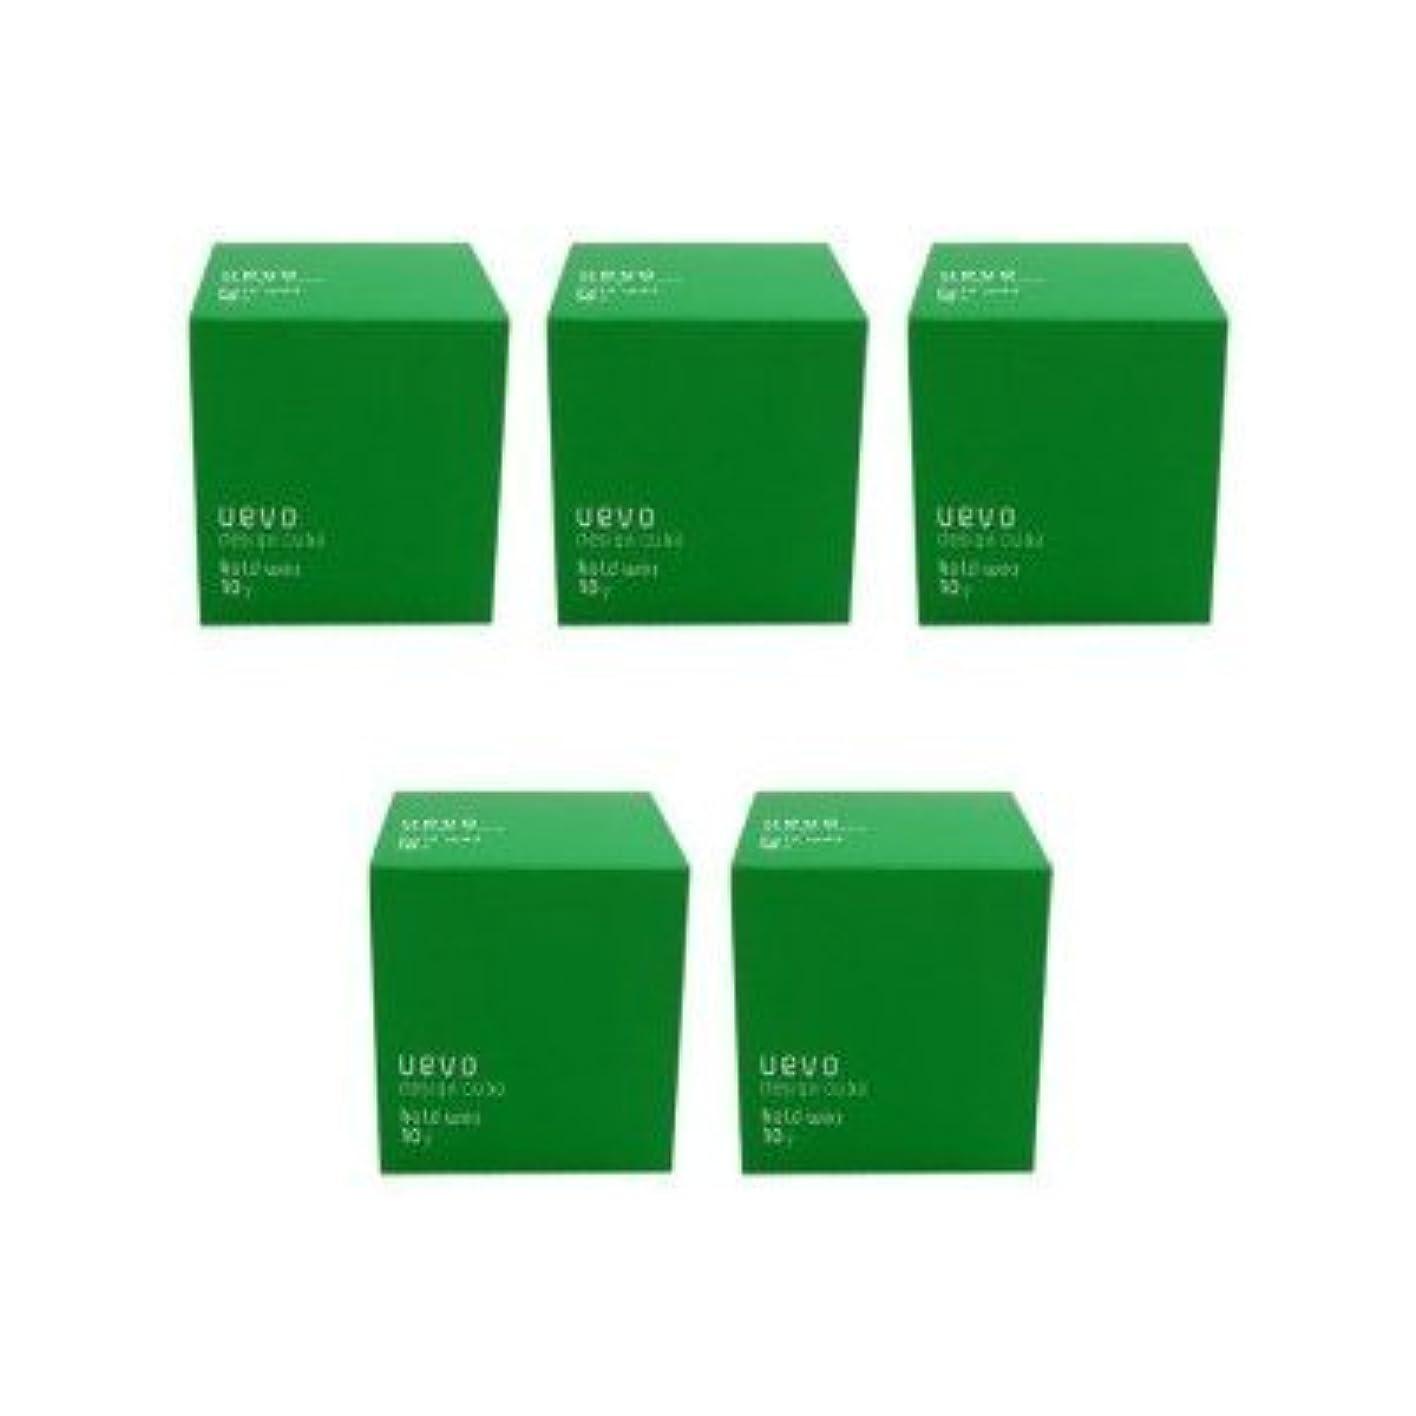 低下賃金イヤホン【X5個セット】 デミ ウェーボ デザインキューブ ホールドワックス 80g hold wax DEMI uevo design cube